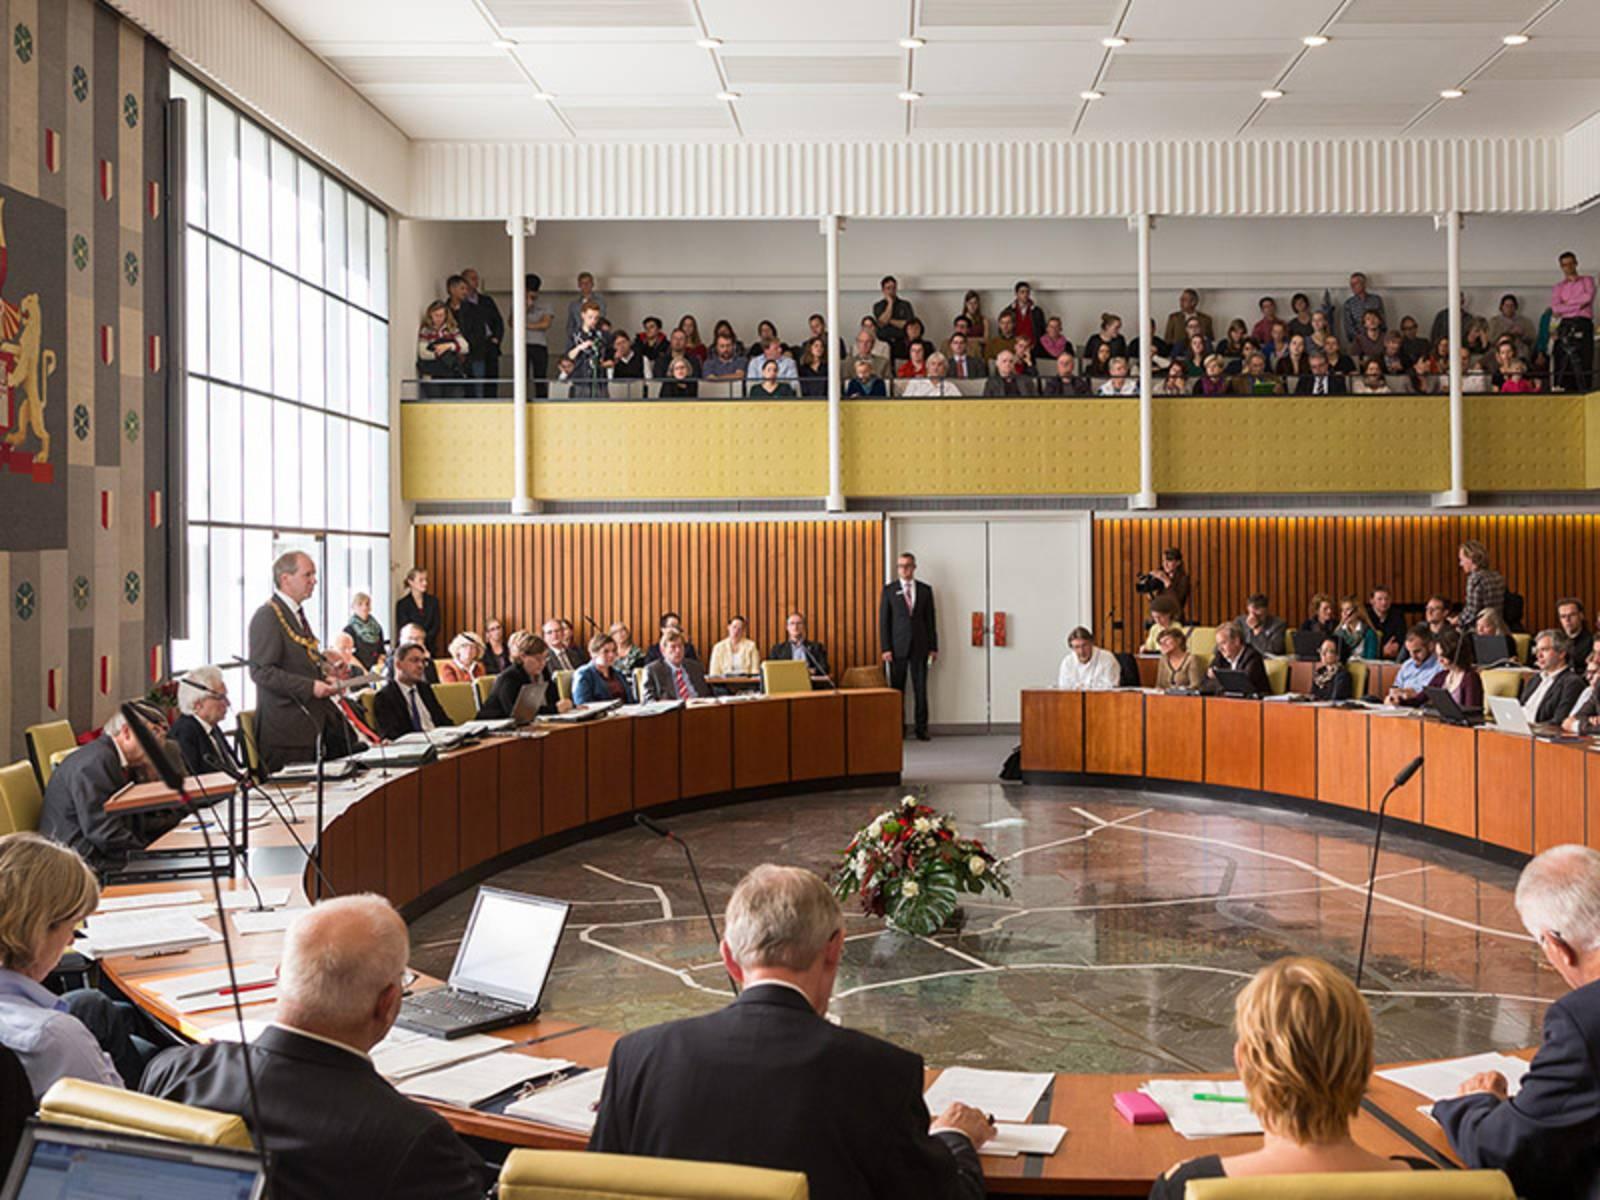 Ratsmitglieder im Sitzungssaal und oben die Zuschauertribüne